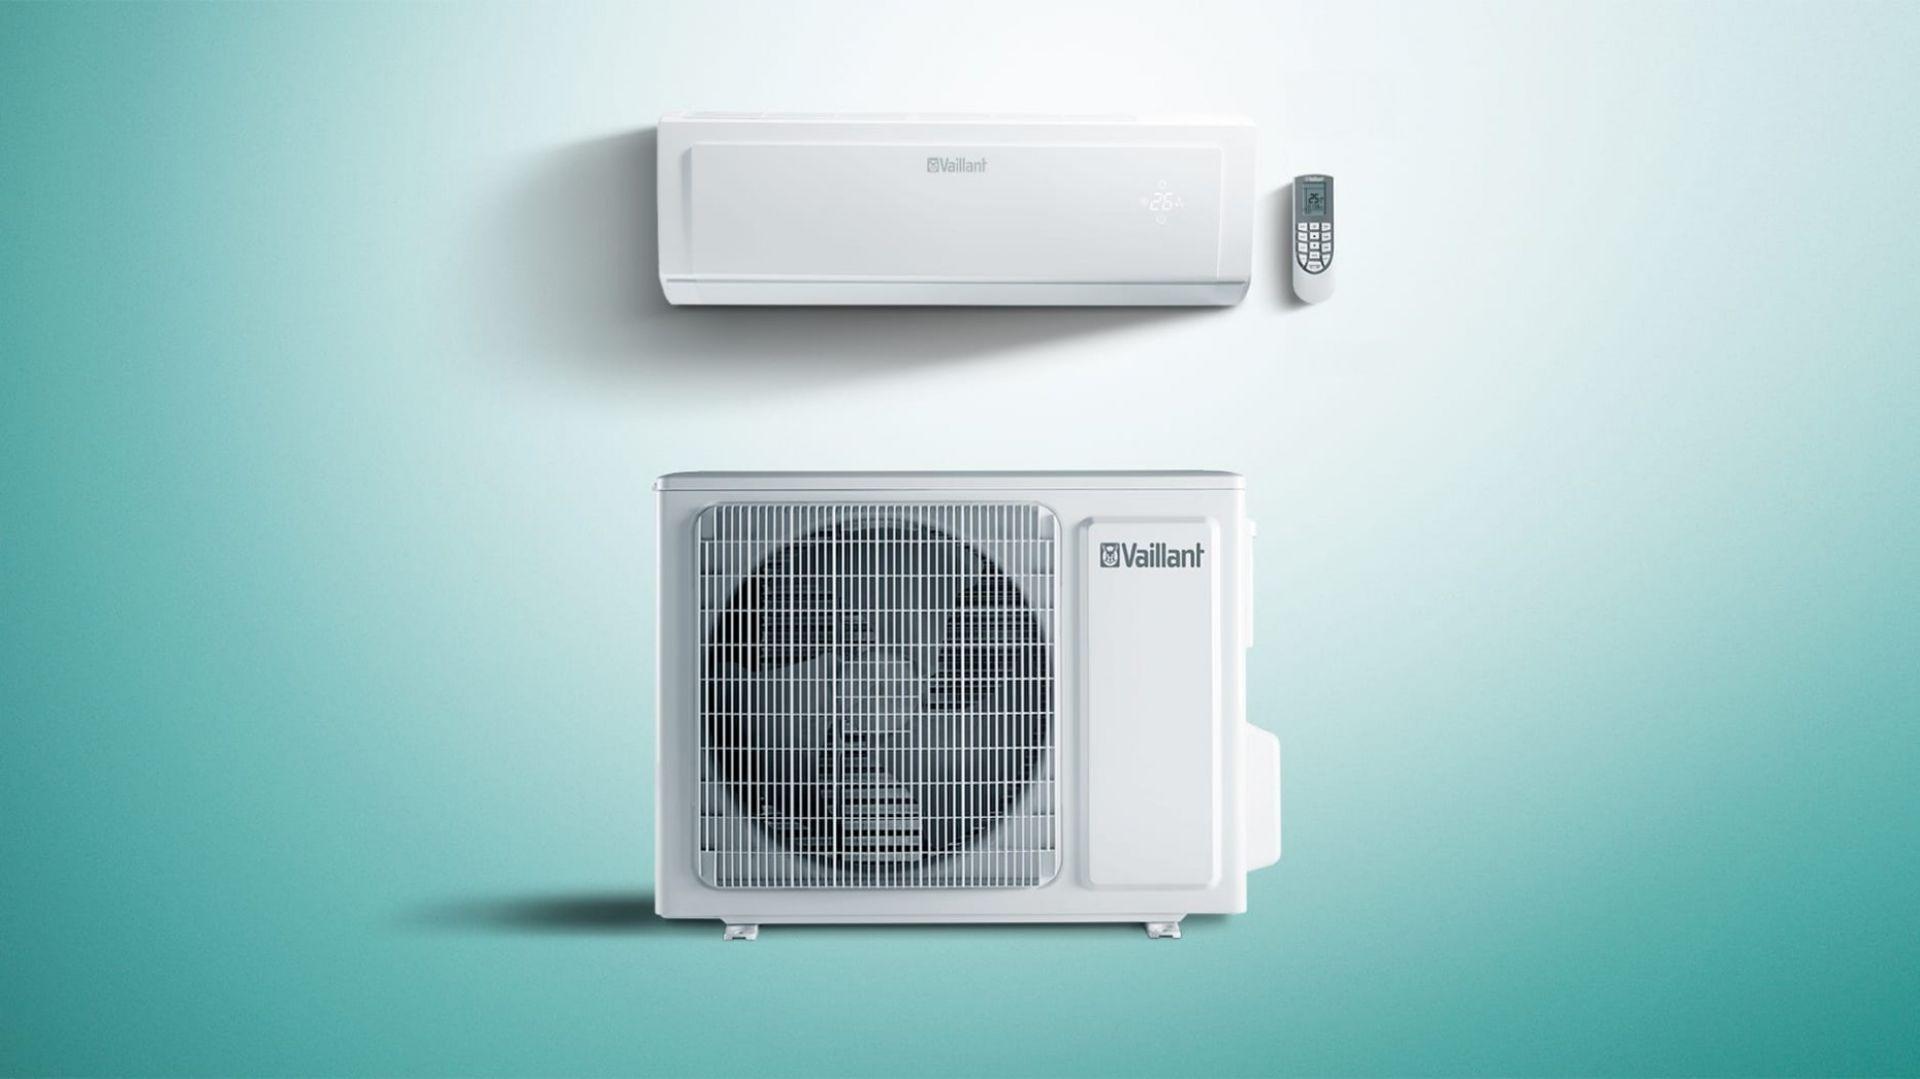 Najważniejszą funkcją klimatyzacji jest zachowanie komfortu cieplnego w twoim domu przez cały rok. Fot. Vaillant